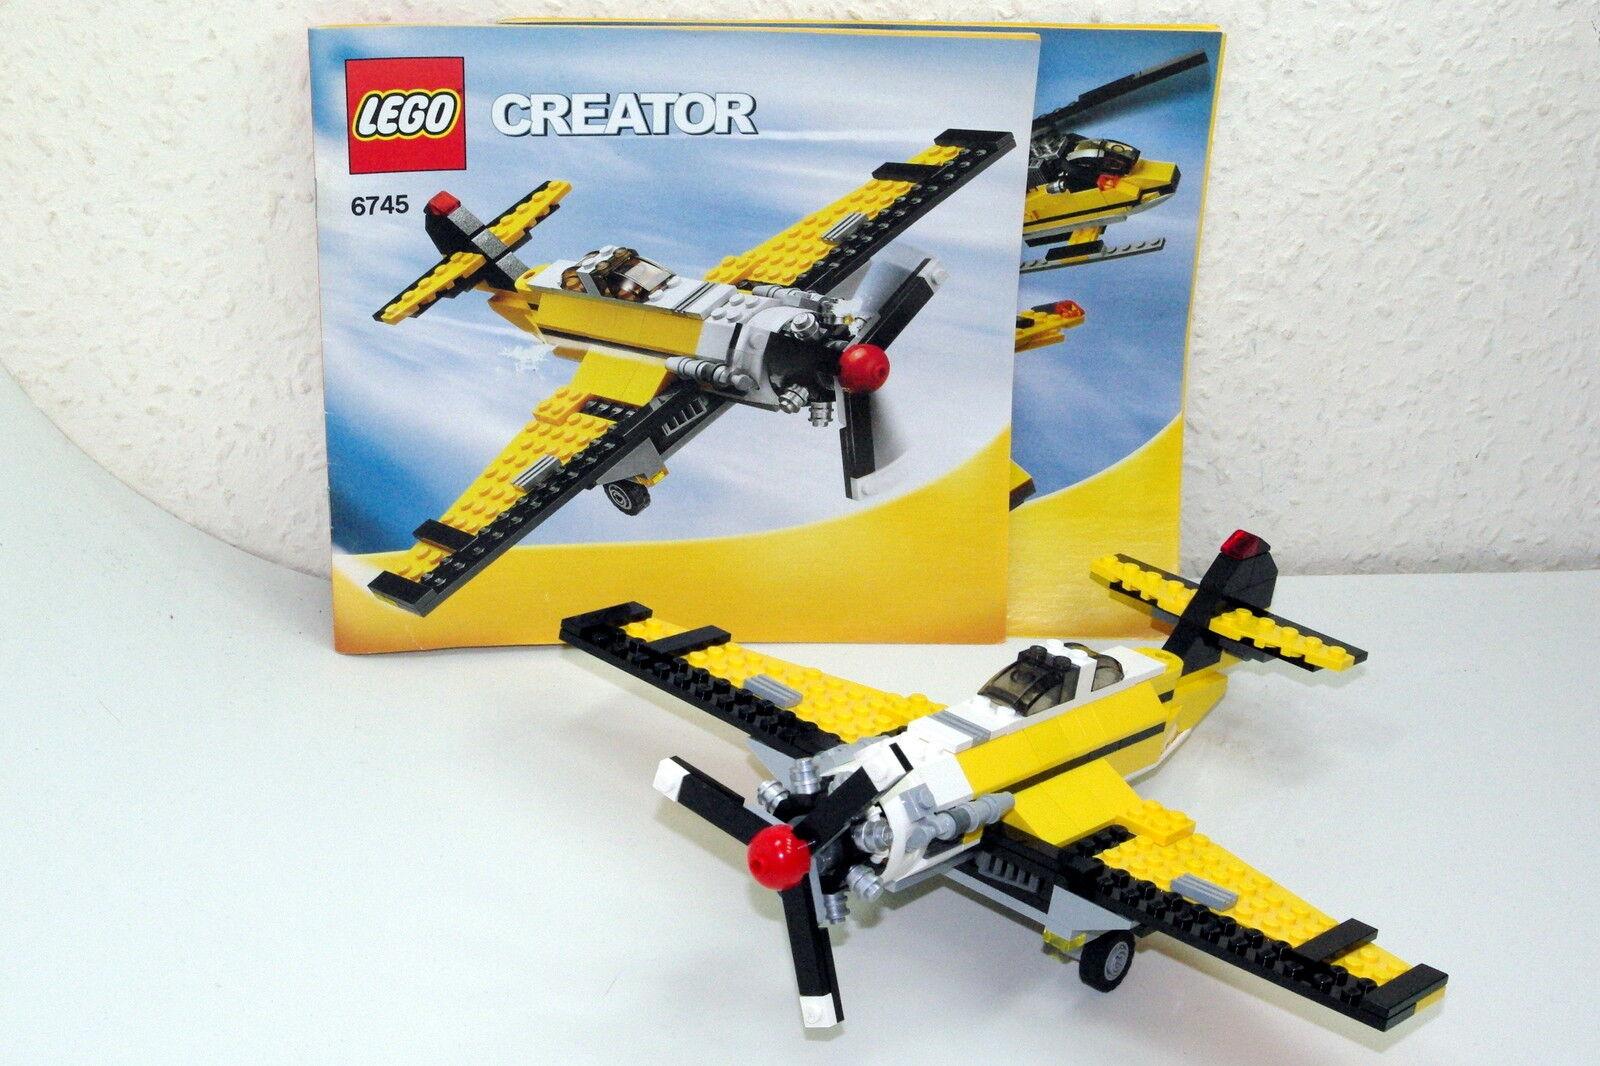 Lego Creator 6745 3 3 3 in 1 Propeller Flugzeug Propellor Power vom Händler 756365